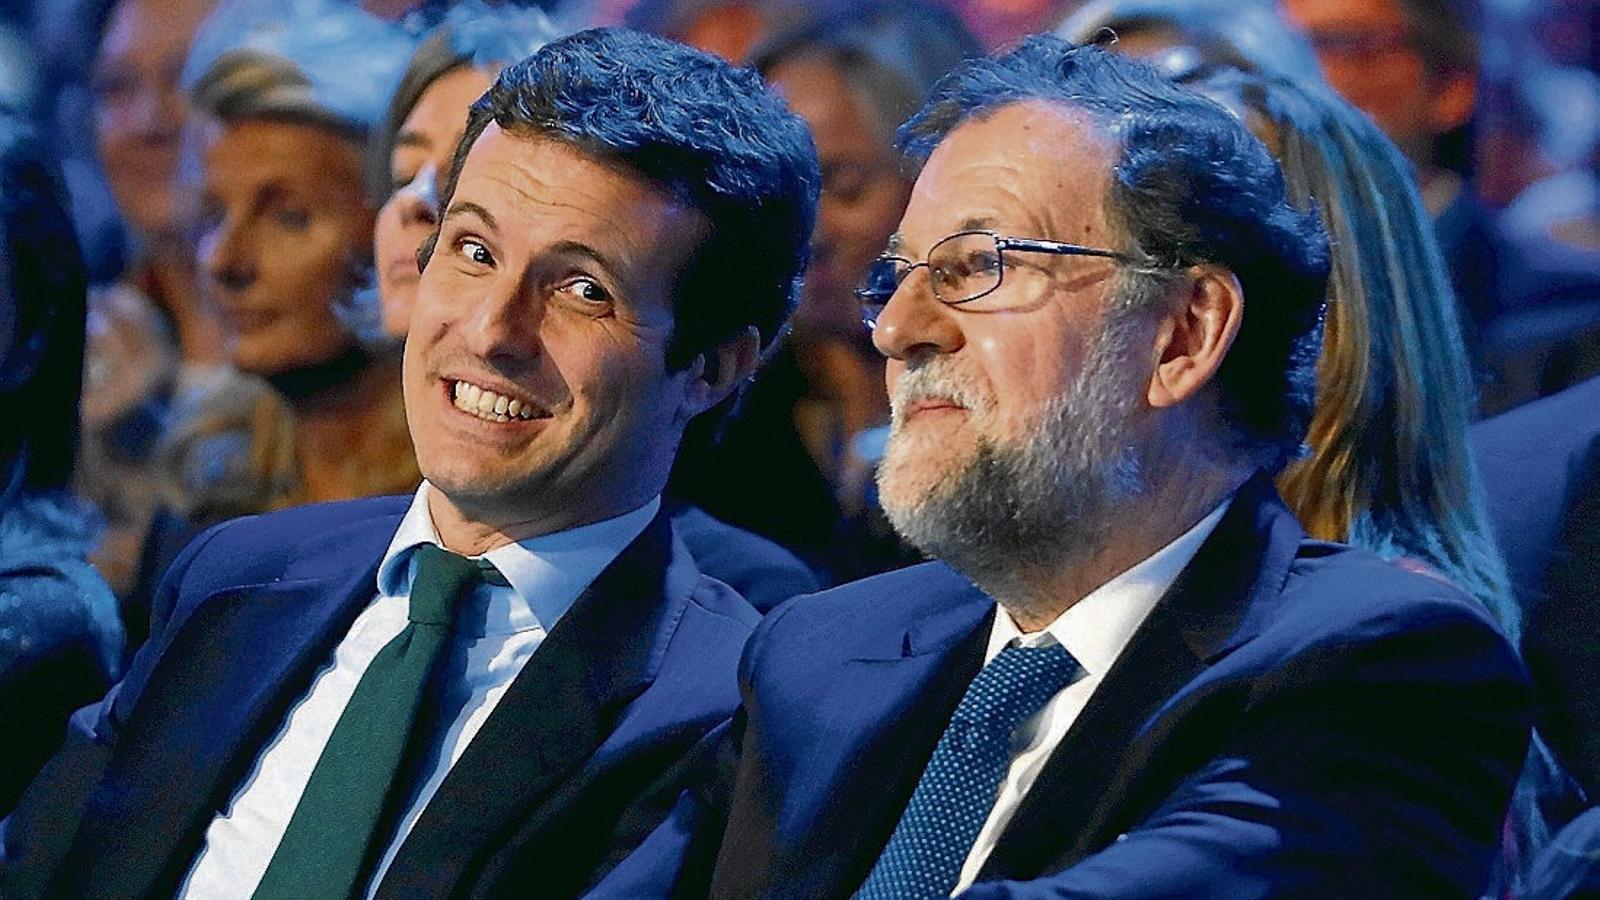 L'actual líder del PP, Pablo Casado, amb el seu predecessor, Mariano Rajoy, en la primera jornada de la convenció estatal del PP.